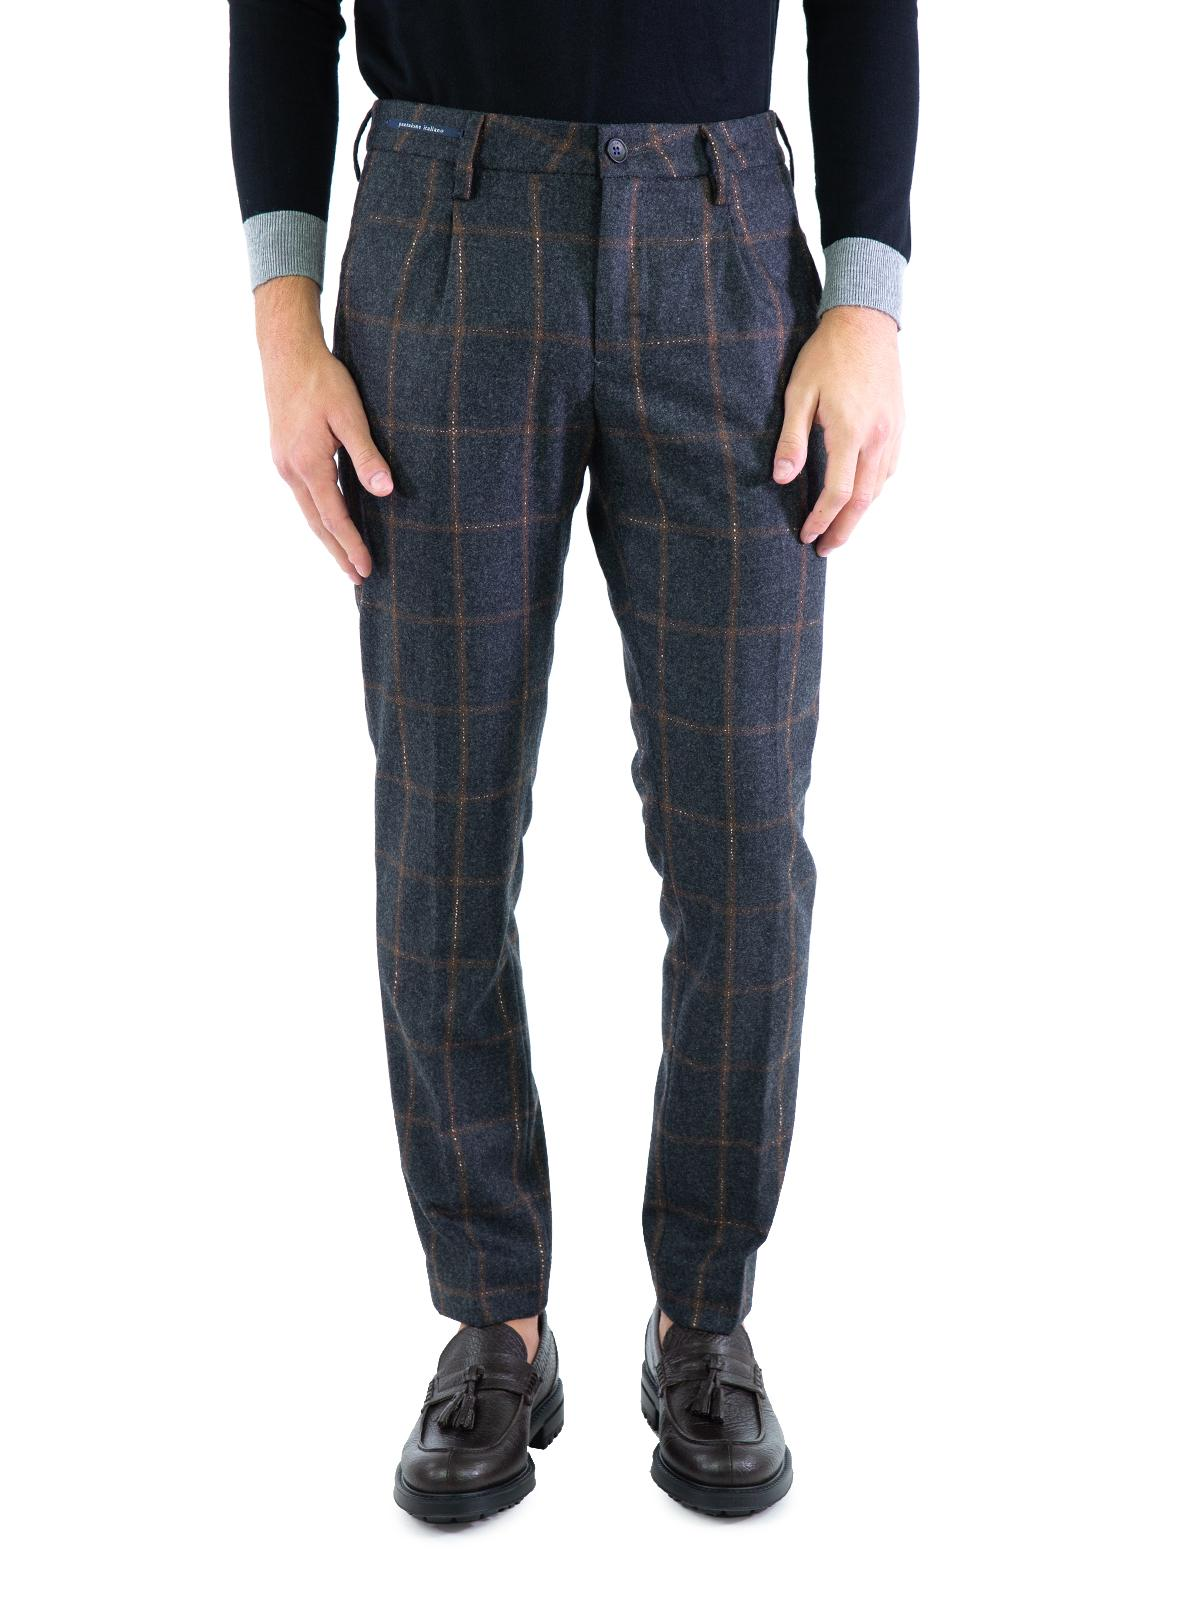 Teleria Zed Pantalone Tom BQG